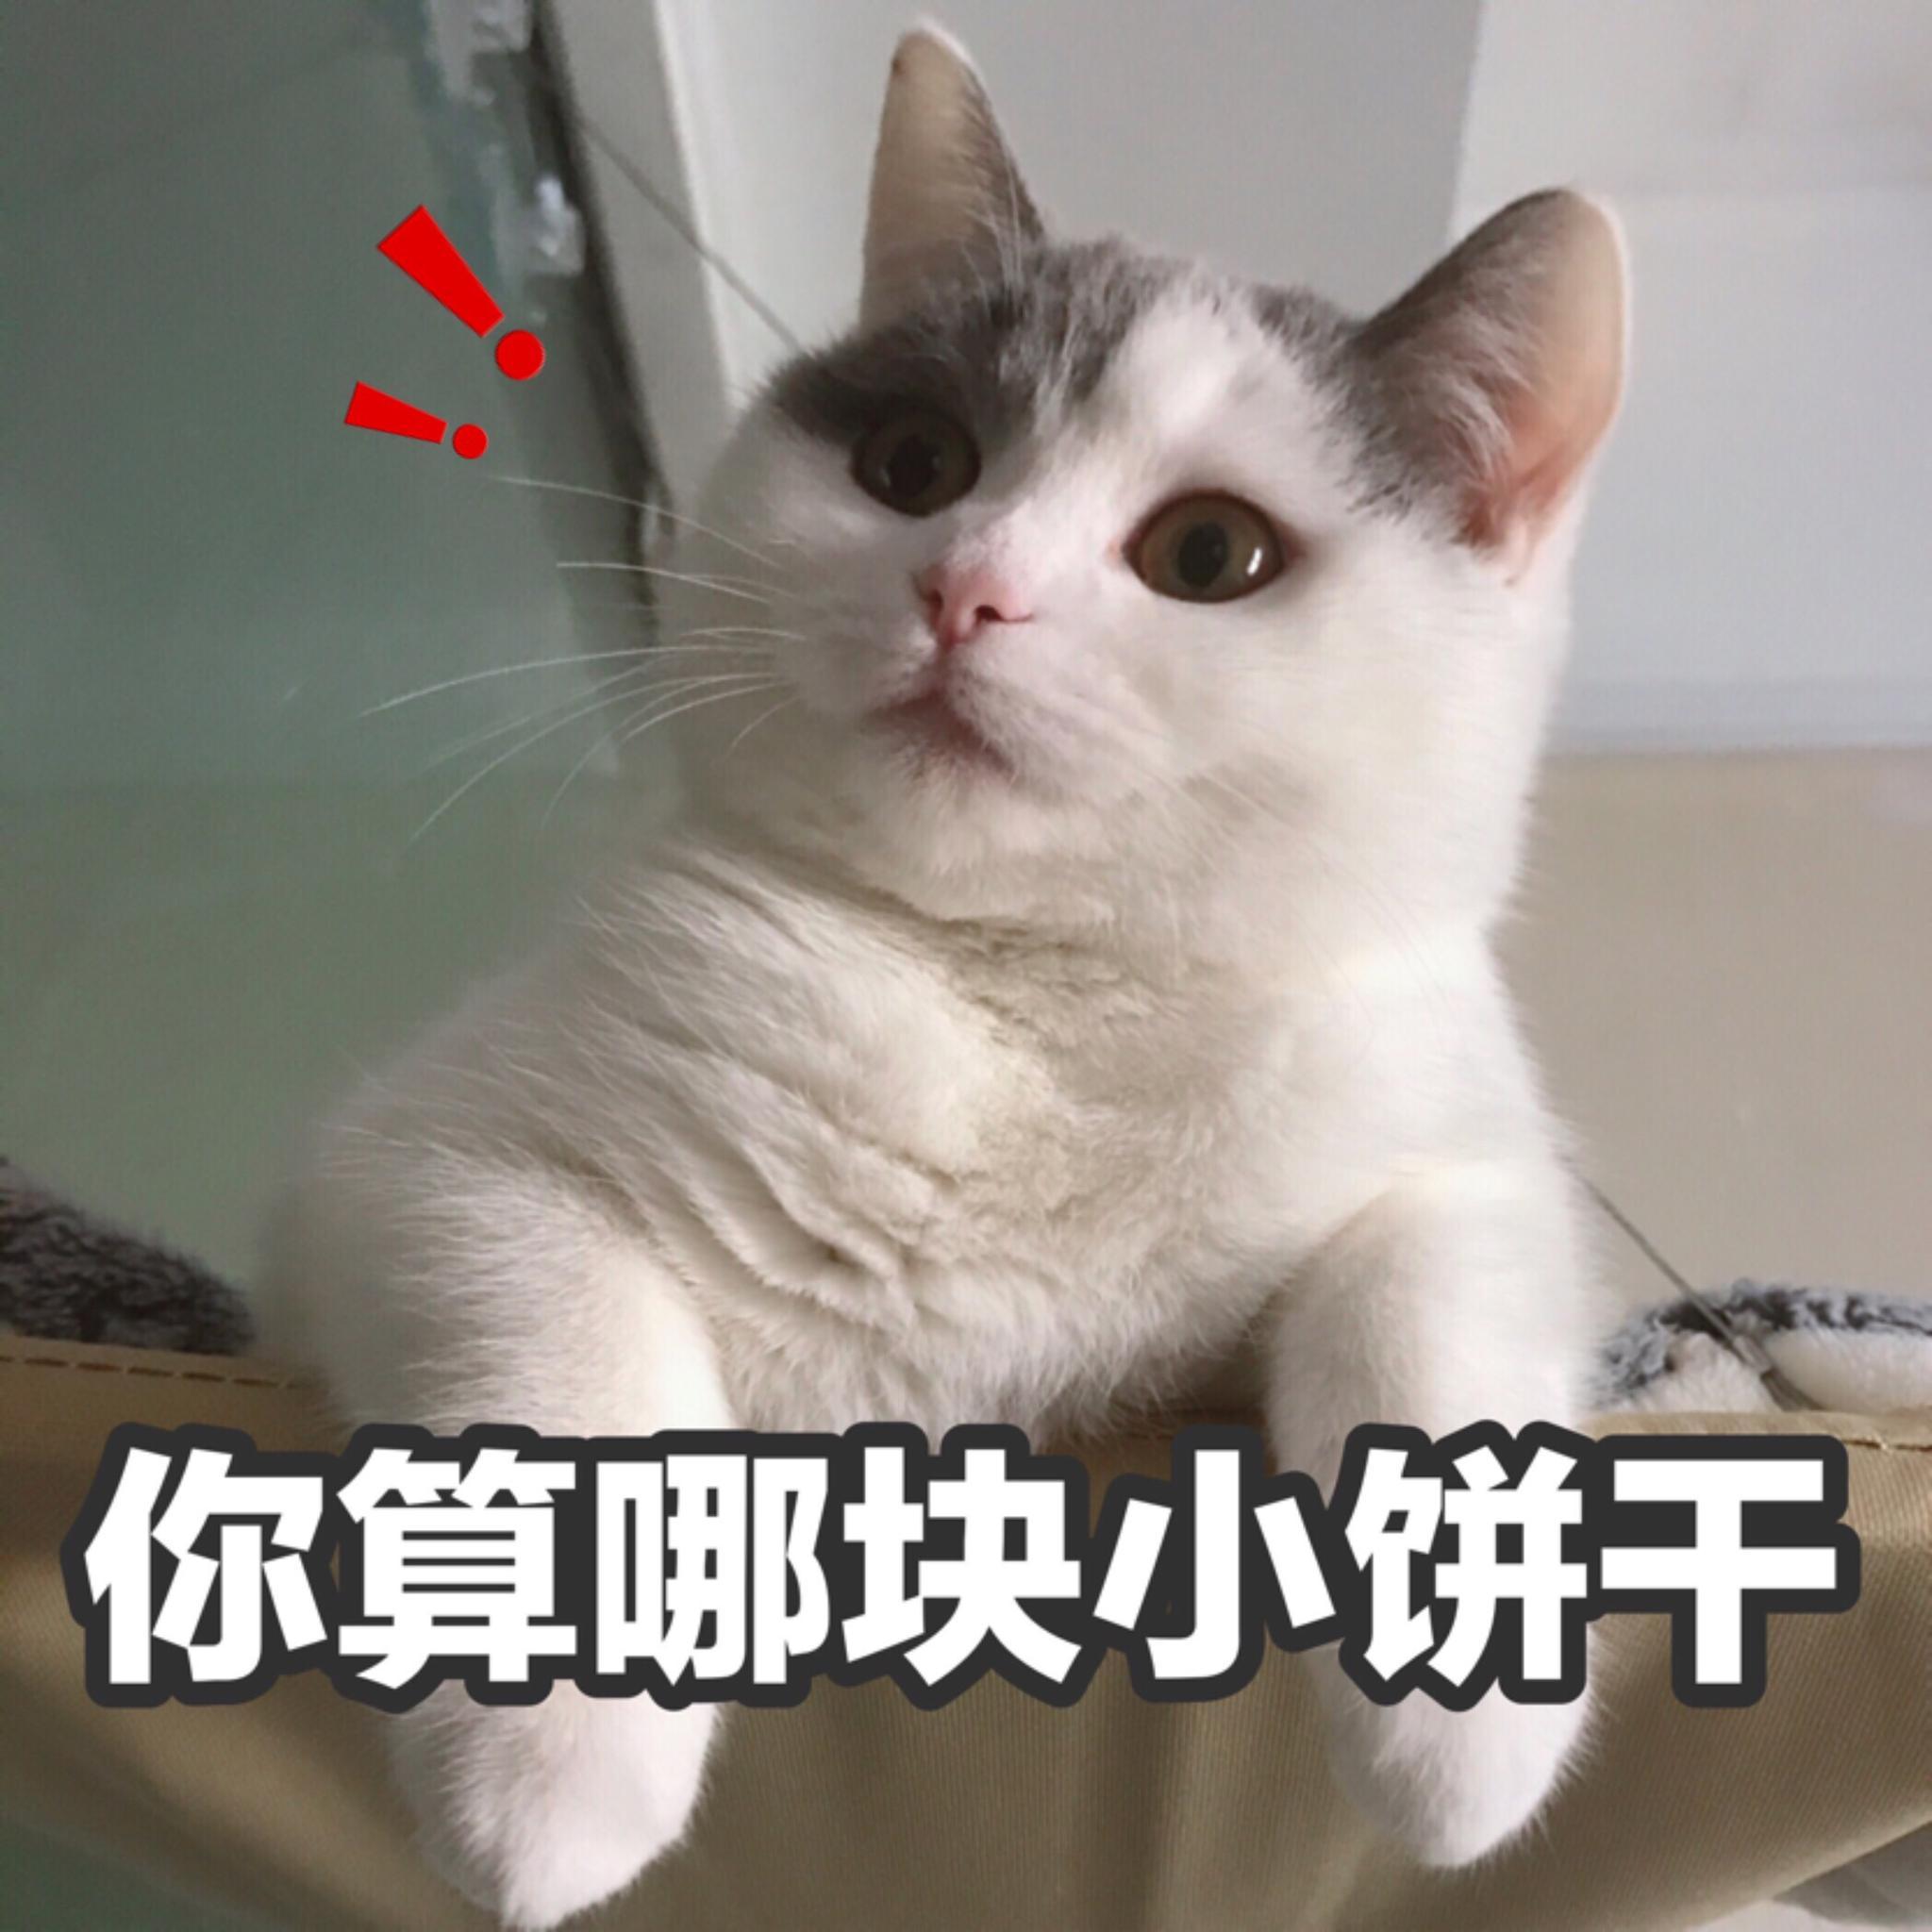 投稿自:@蓝蓝漆   猫咪表情包274:好奇…孤独弱小无助…你算哪块小饼图片